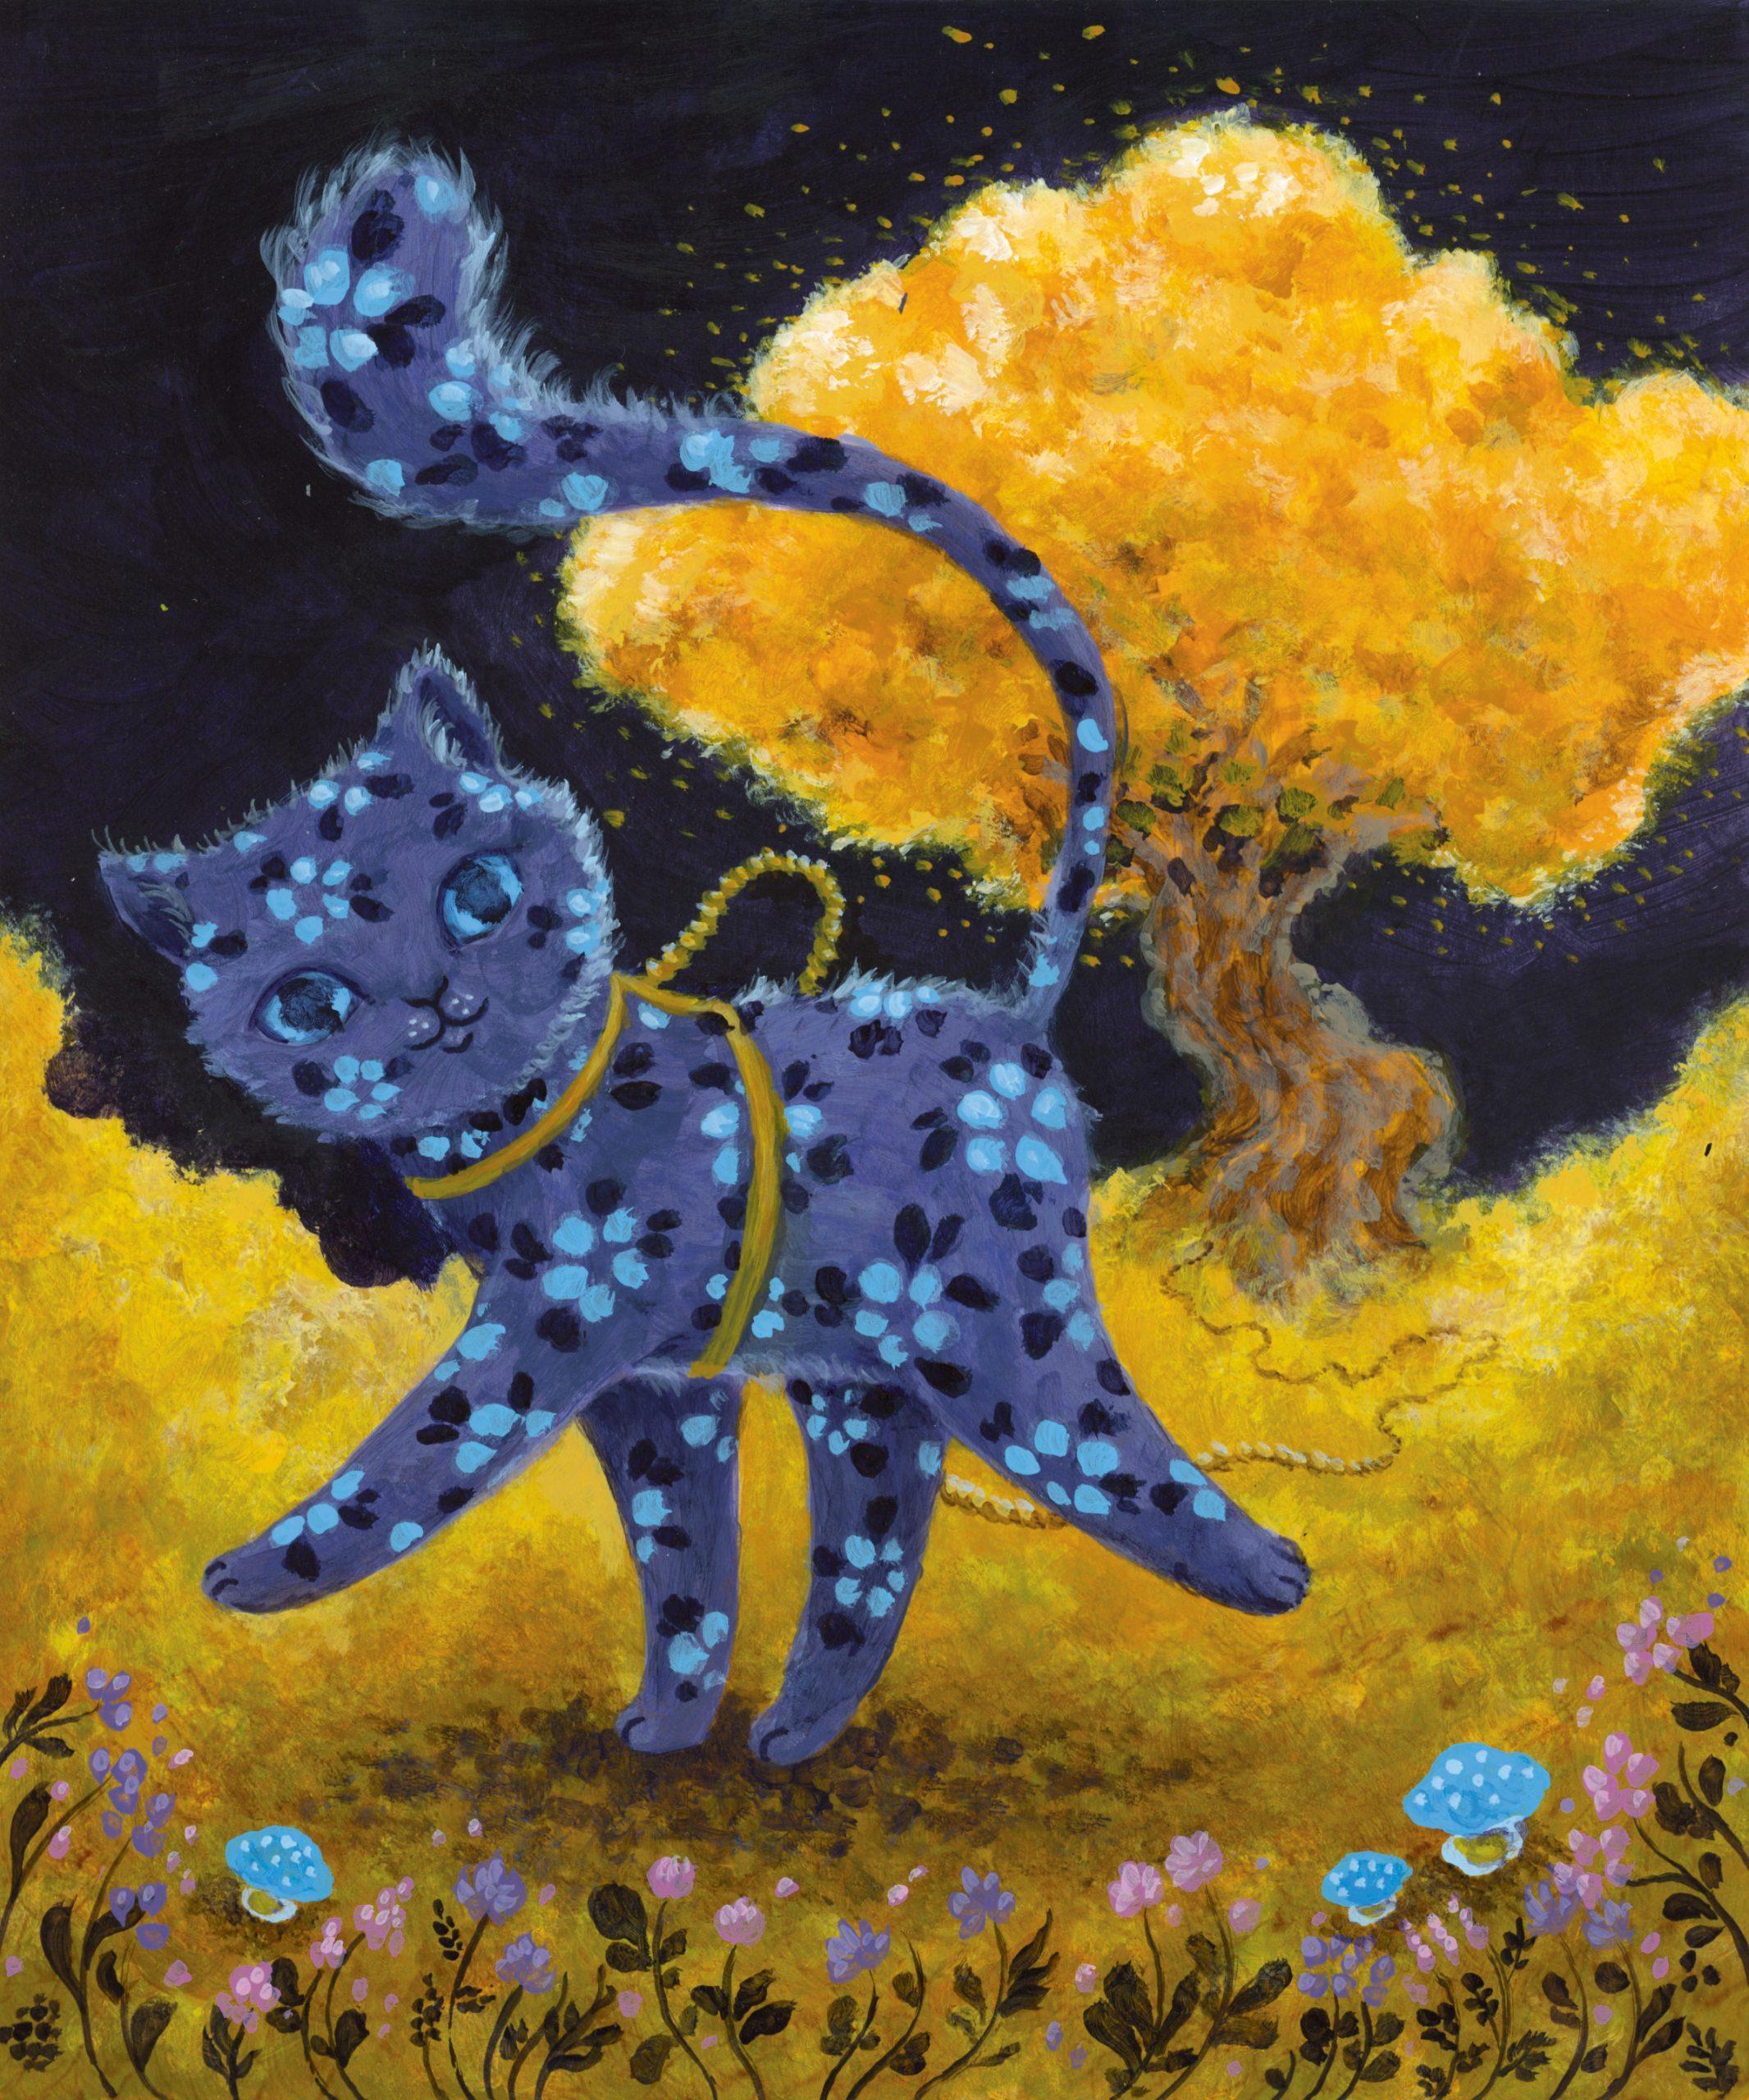 Julia Savtchenko: Minä, kissa.